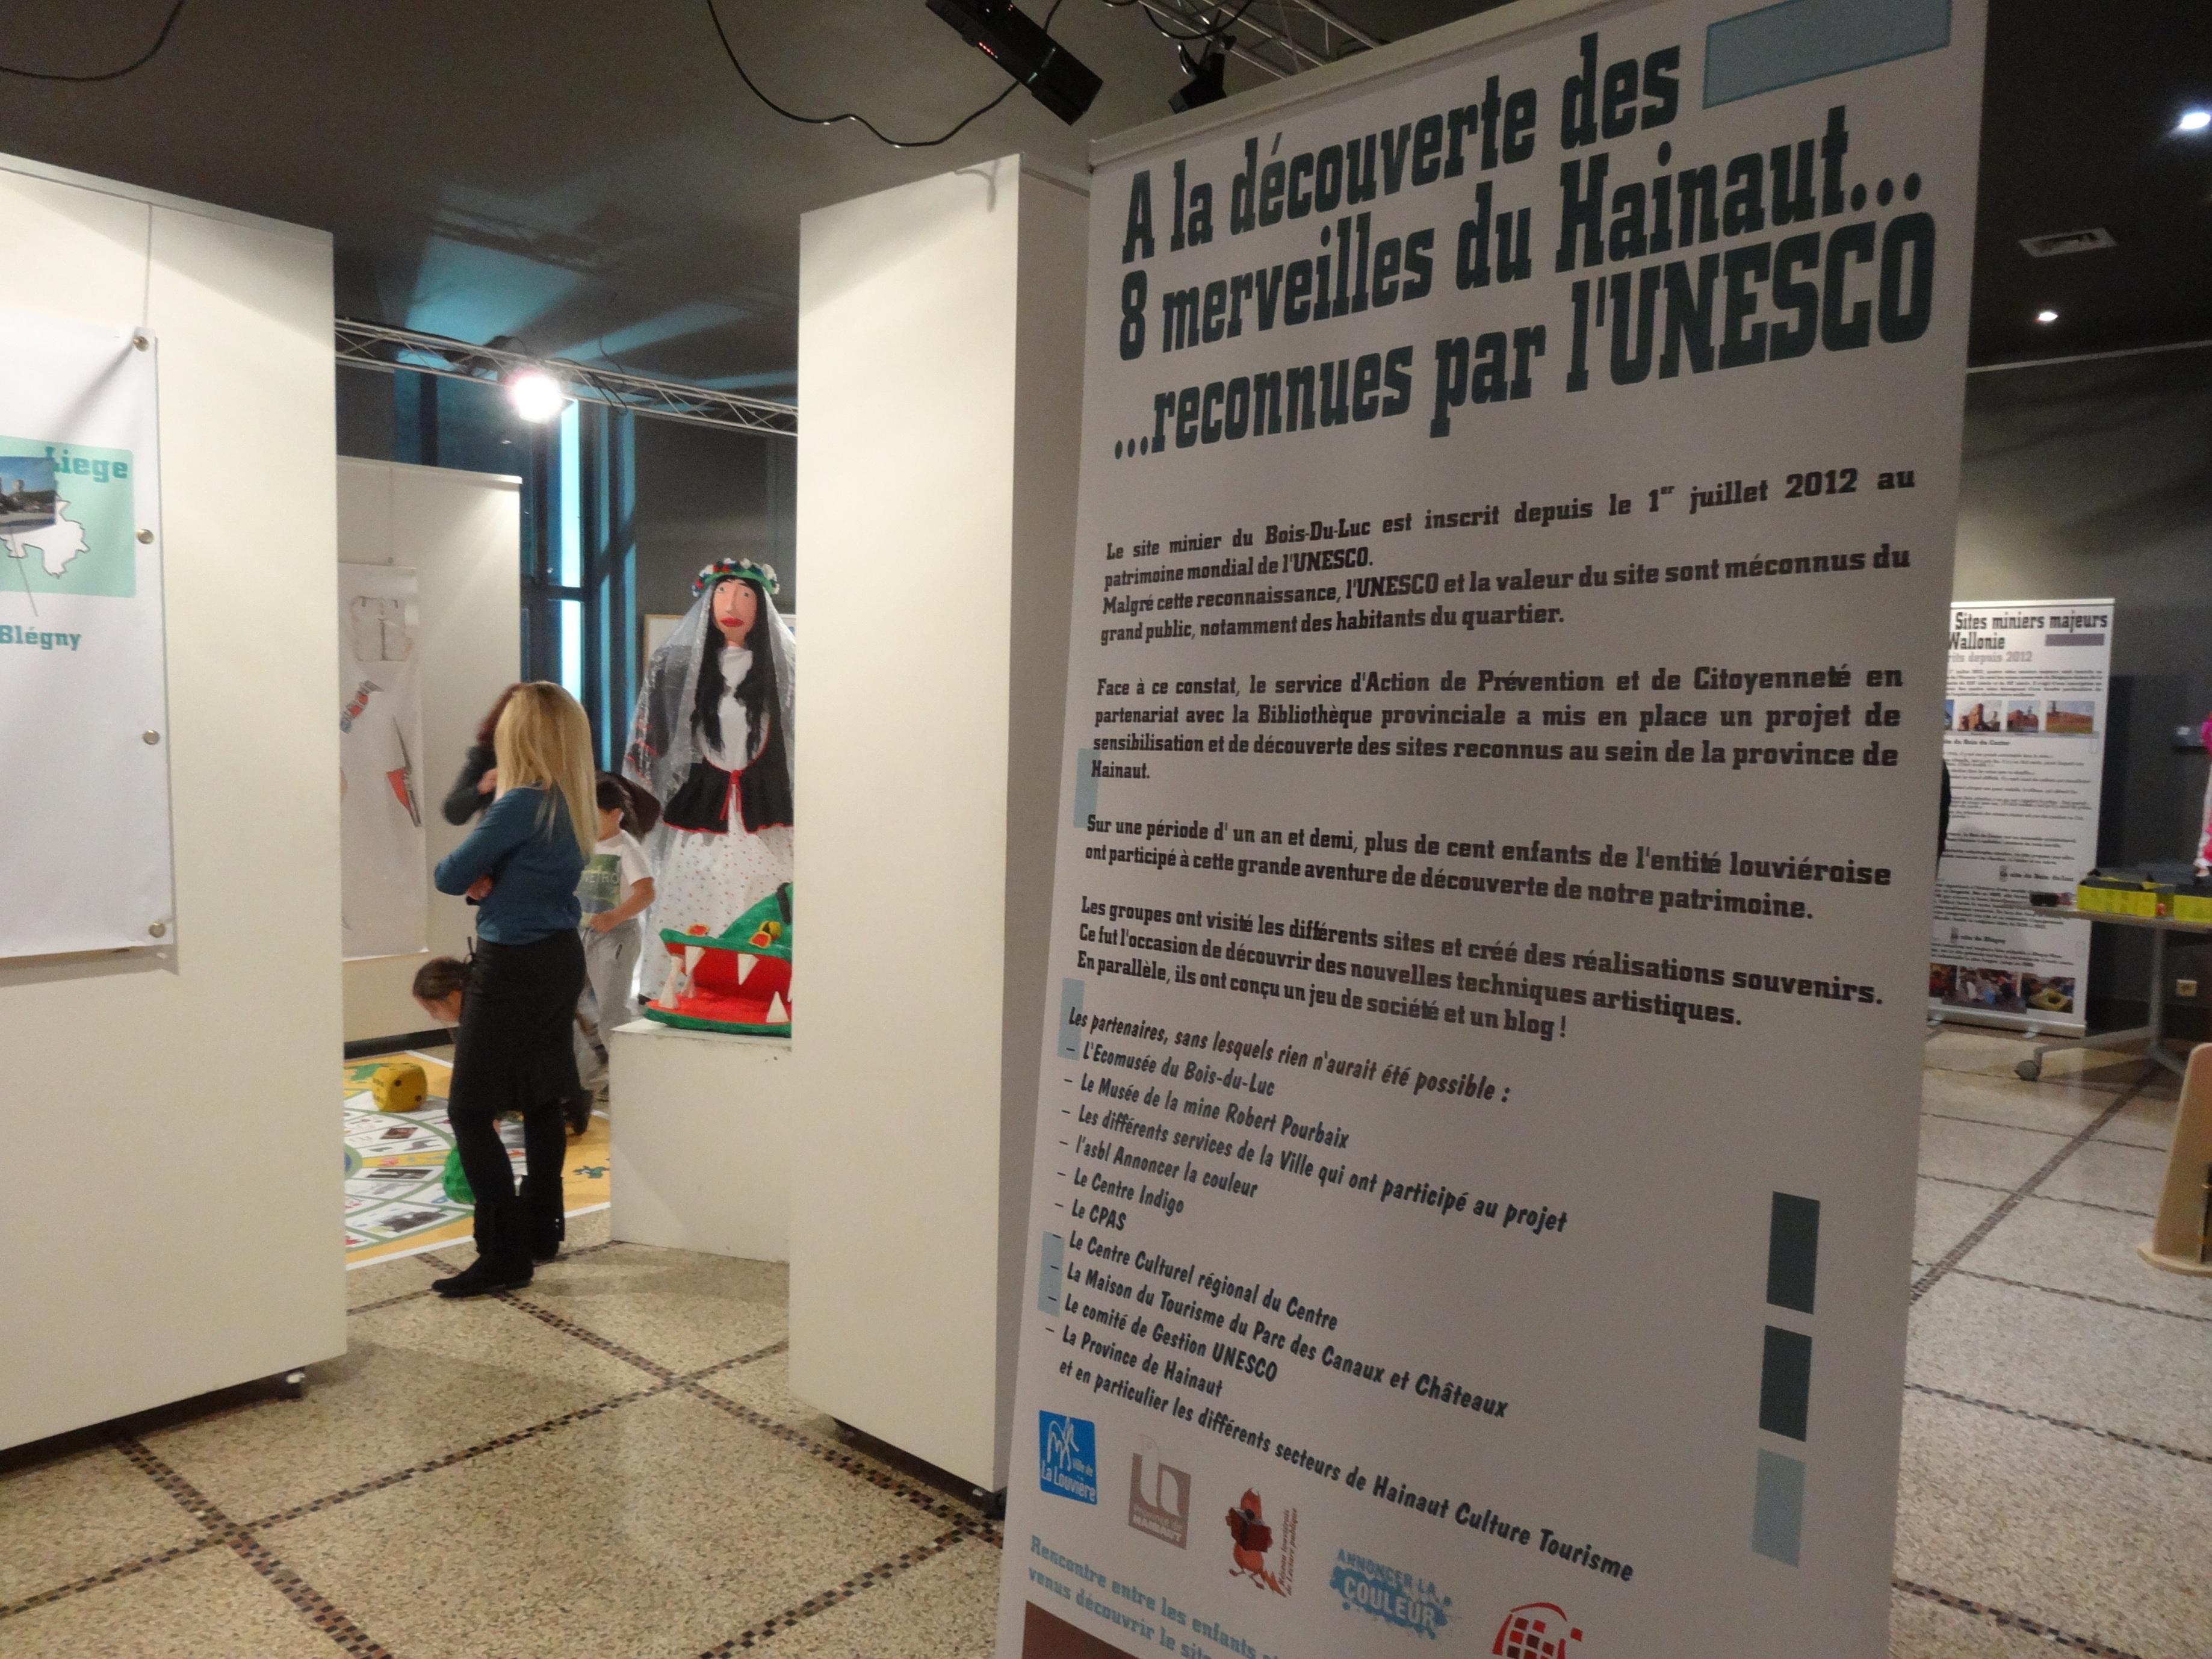 Unesco, à la découverte des 8 merveilles du Hainaut - l'exposition.jpg